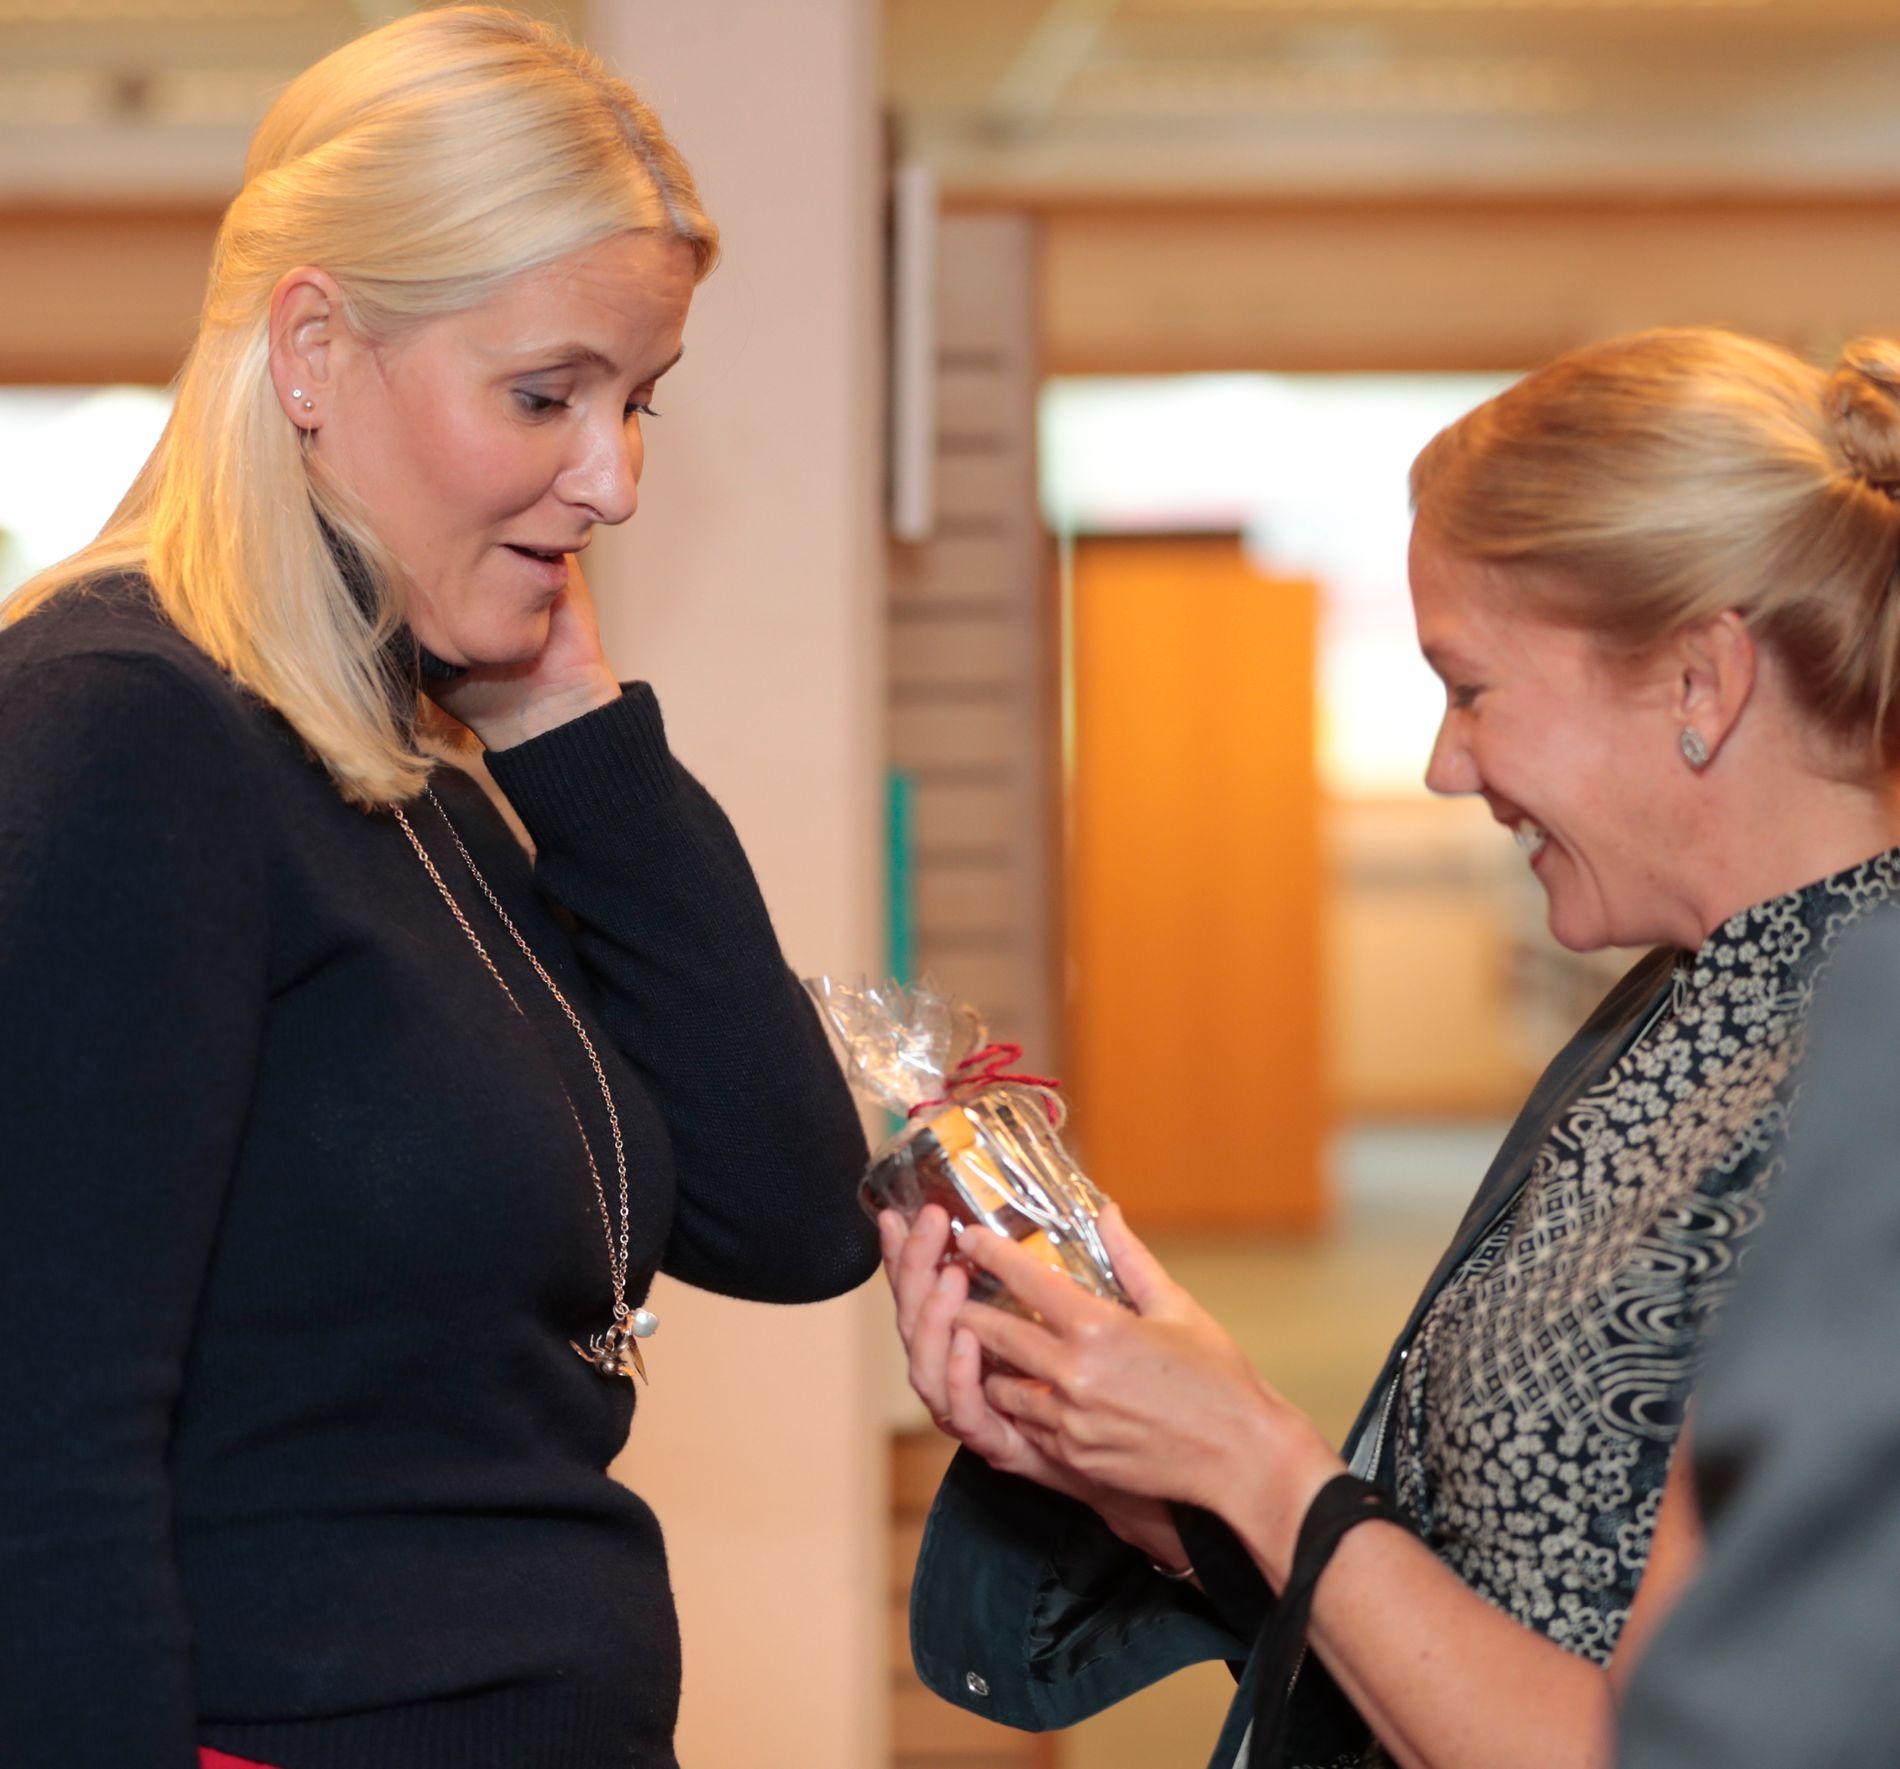 GA GAVE: Kronprinsesse Mette-Marit intervjuet Maja Lunde om den internasjonale bestselgerromanen «Bienes historie» på første stopp i Bø i Telemark. Det er ikke ofte Kronprinsessen selv gir gaver, men her gir hun Lunde honning fra Dronningparken og Kongsgården.